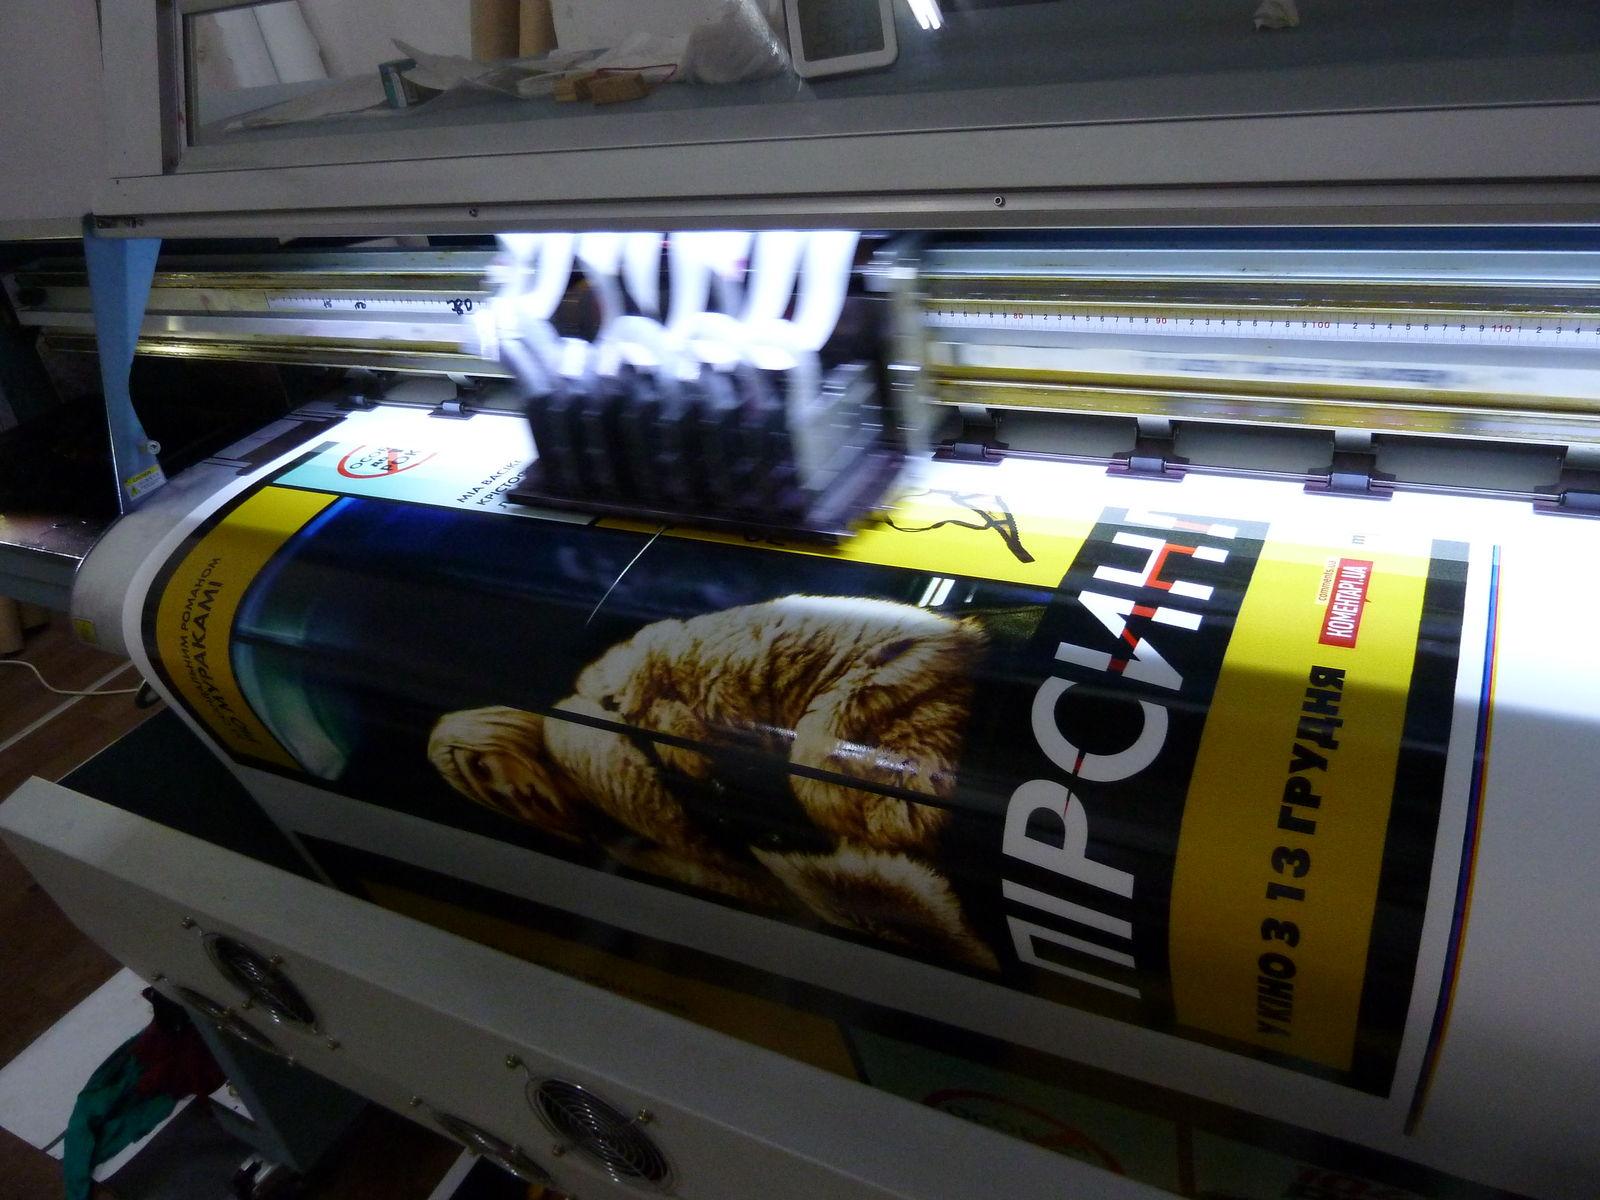 широкоформатная печать фото подольск свиньи